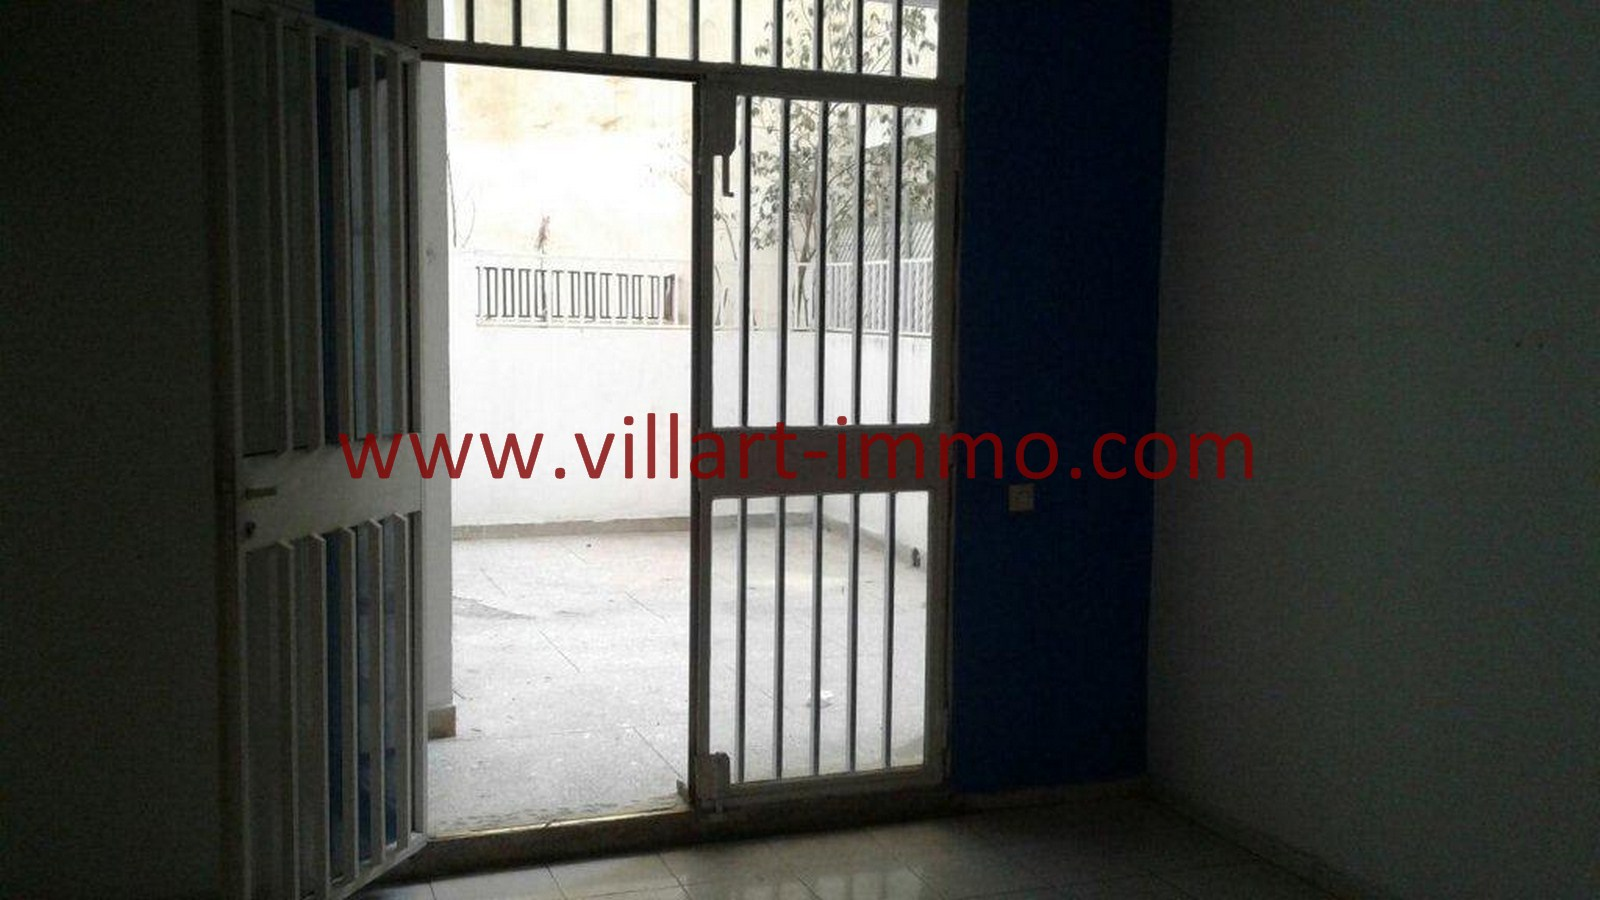 1-Vente-Bureau-Tanger-Centre-Ville-Espace 1-VLC515-Villart Immo